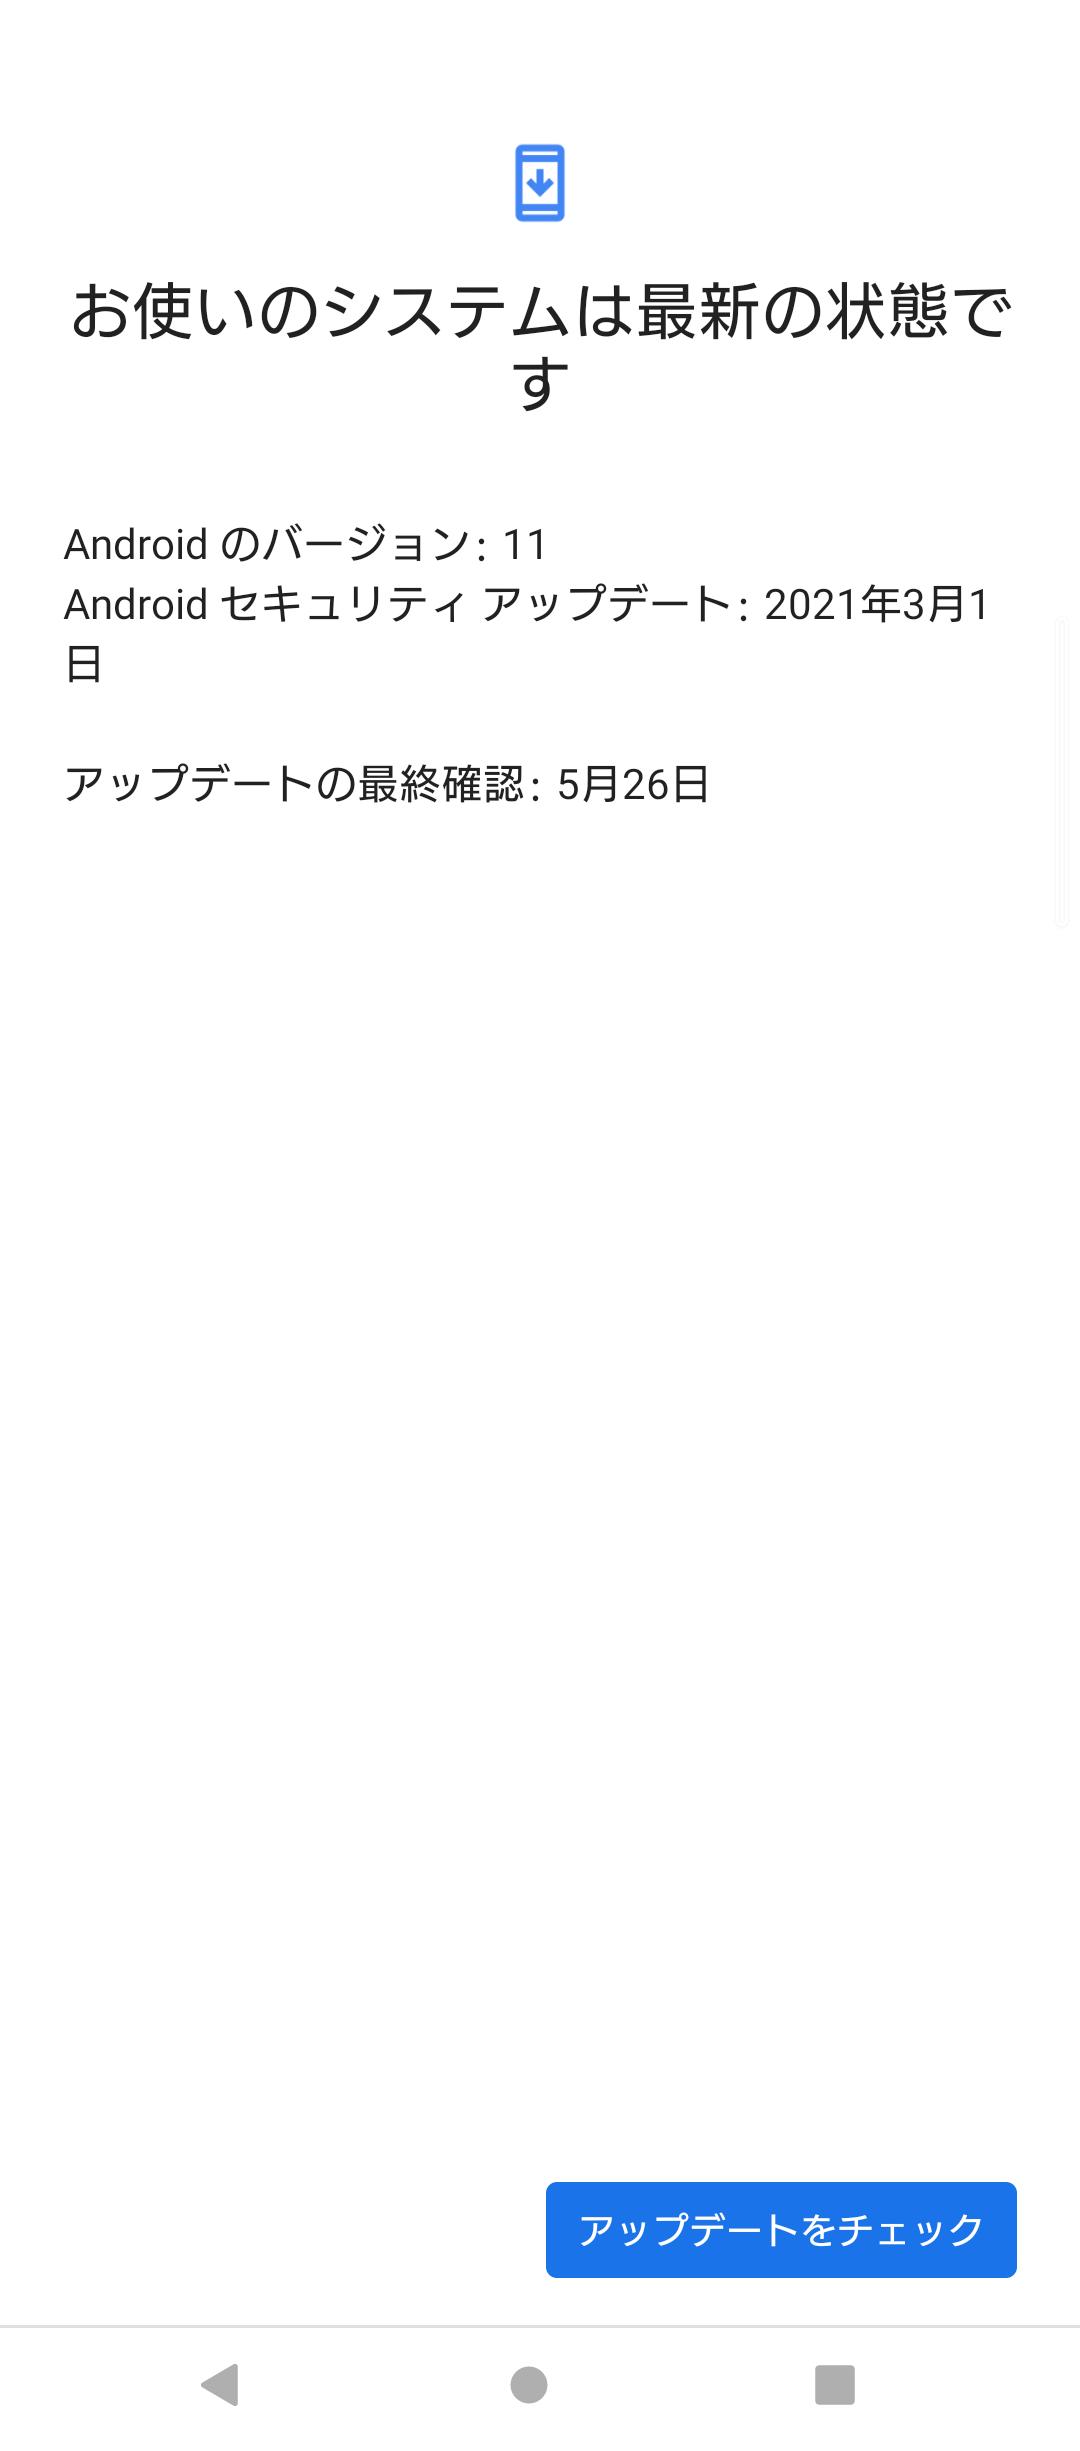 スマホ 本体 バージョンアップ 最新 例 画面